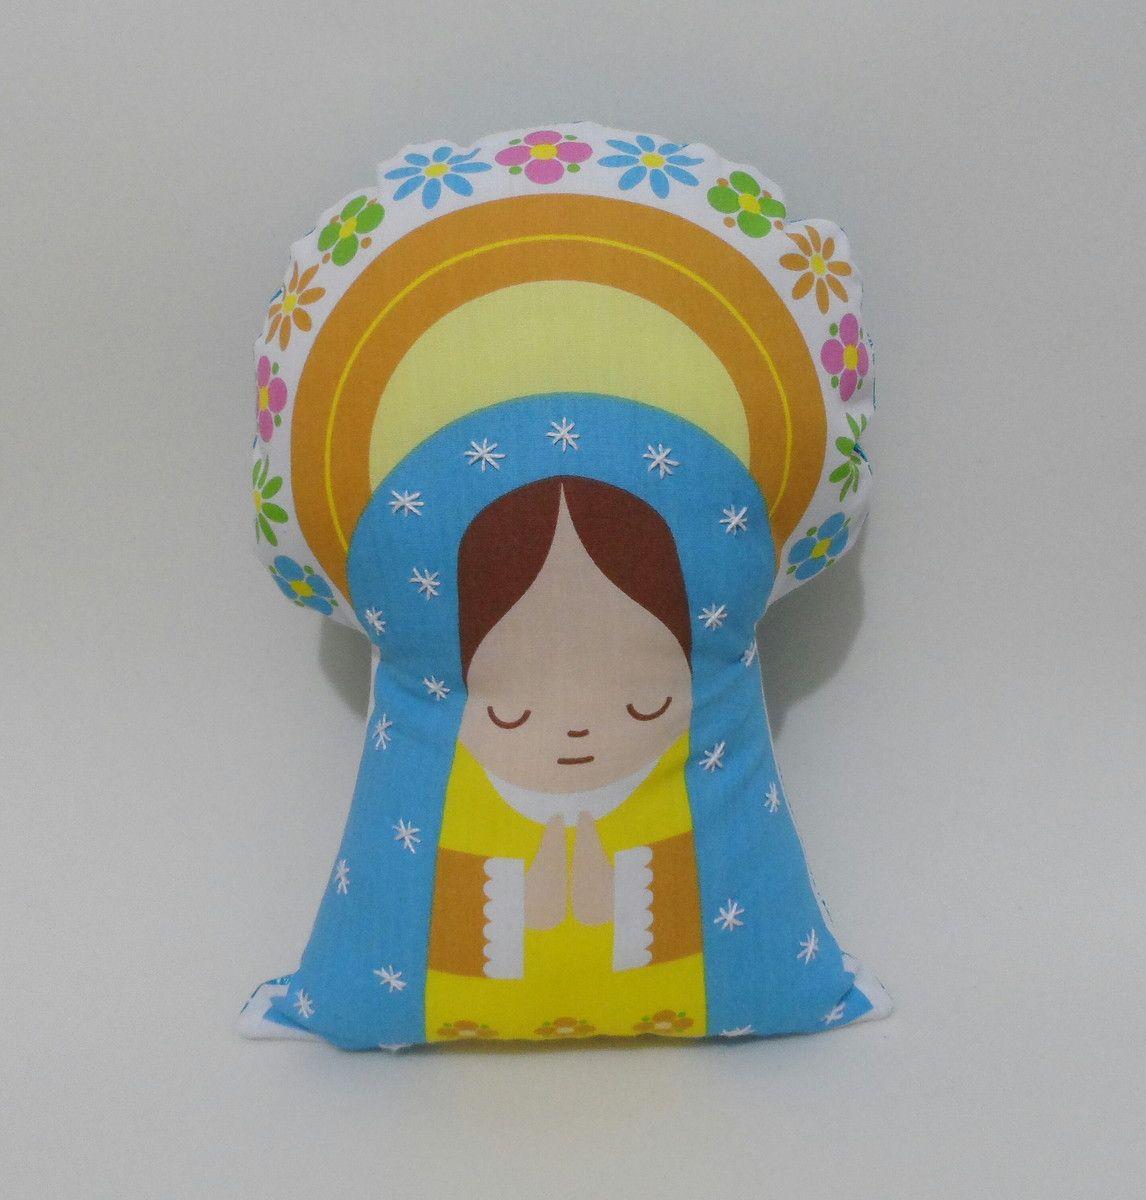 Mini Almofada Santinha <br>Ótimo para decorar quarto de criança, lembrancinha de batizado ou usado como naninha! <br> <br>Tecido 100% algodão, medidas: aprox. 20,5cm largura x 27,5cm comprimento.